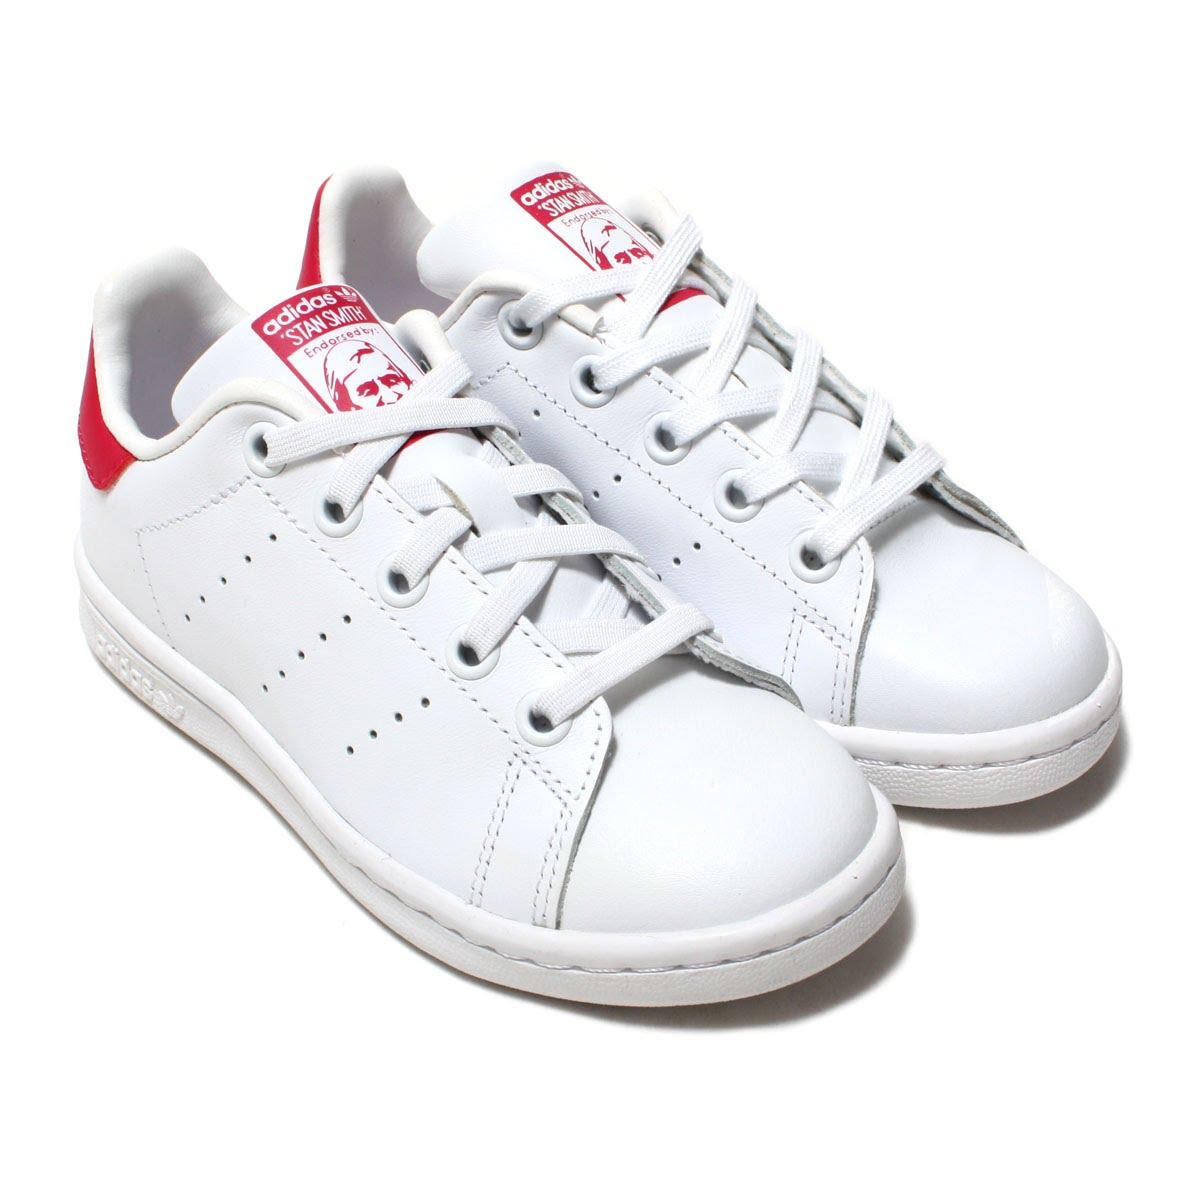 6ab6e15788b6b0 adidas Originals STAN SMITH EL C (adidas originals Stan Smith EL C) RUNNING  WHITE RUNNING WHITE BOLD PINK 16FW-I